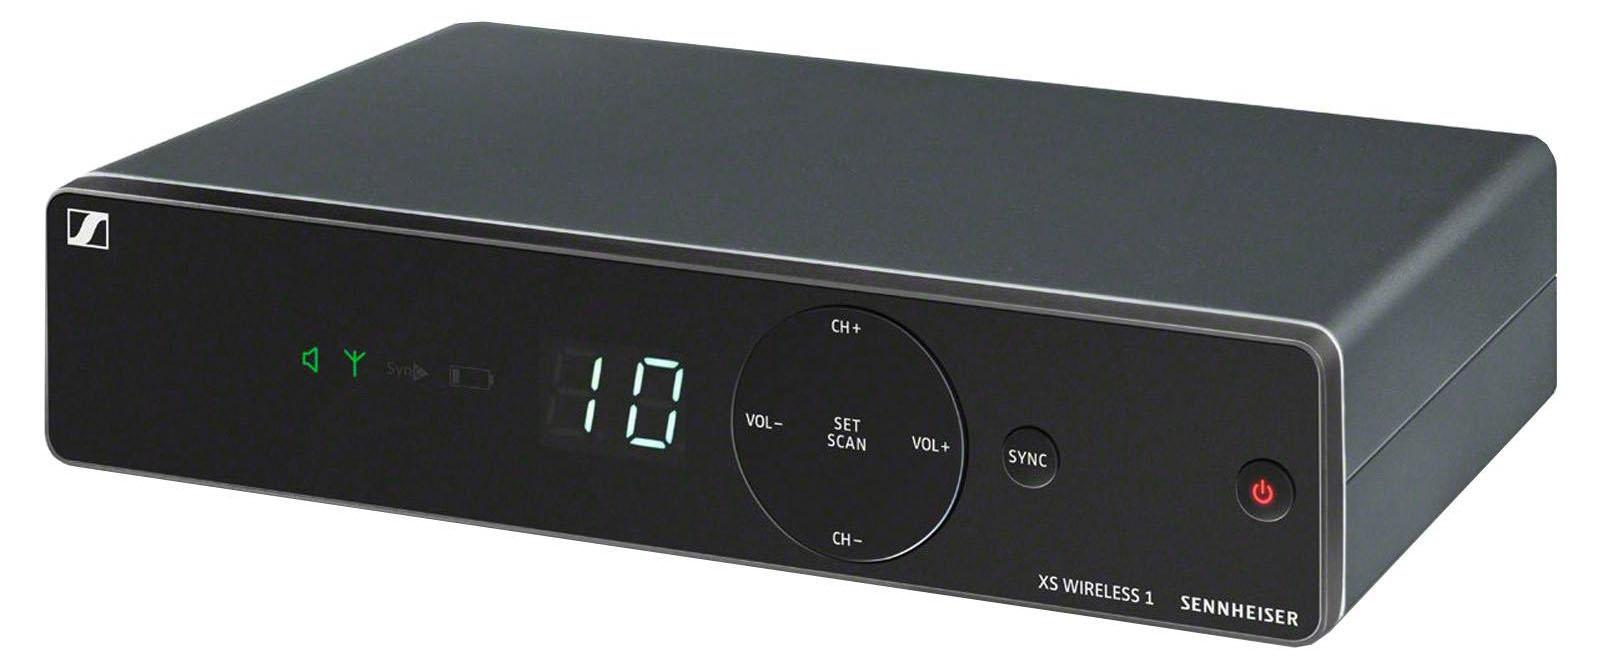 گیرنده میکروفن های بیسیم دیجیتال حرفه ای ساخت کمپانی Sennheiser ( سن هایزر ) سری XSW 1